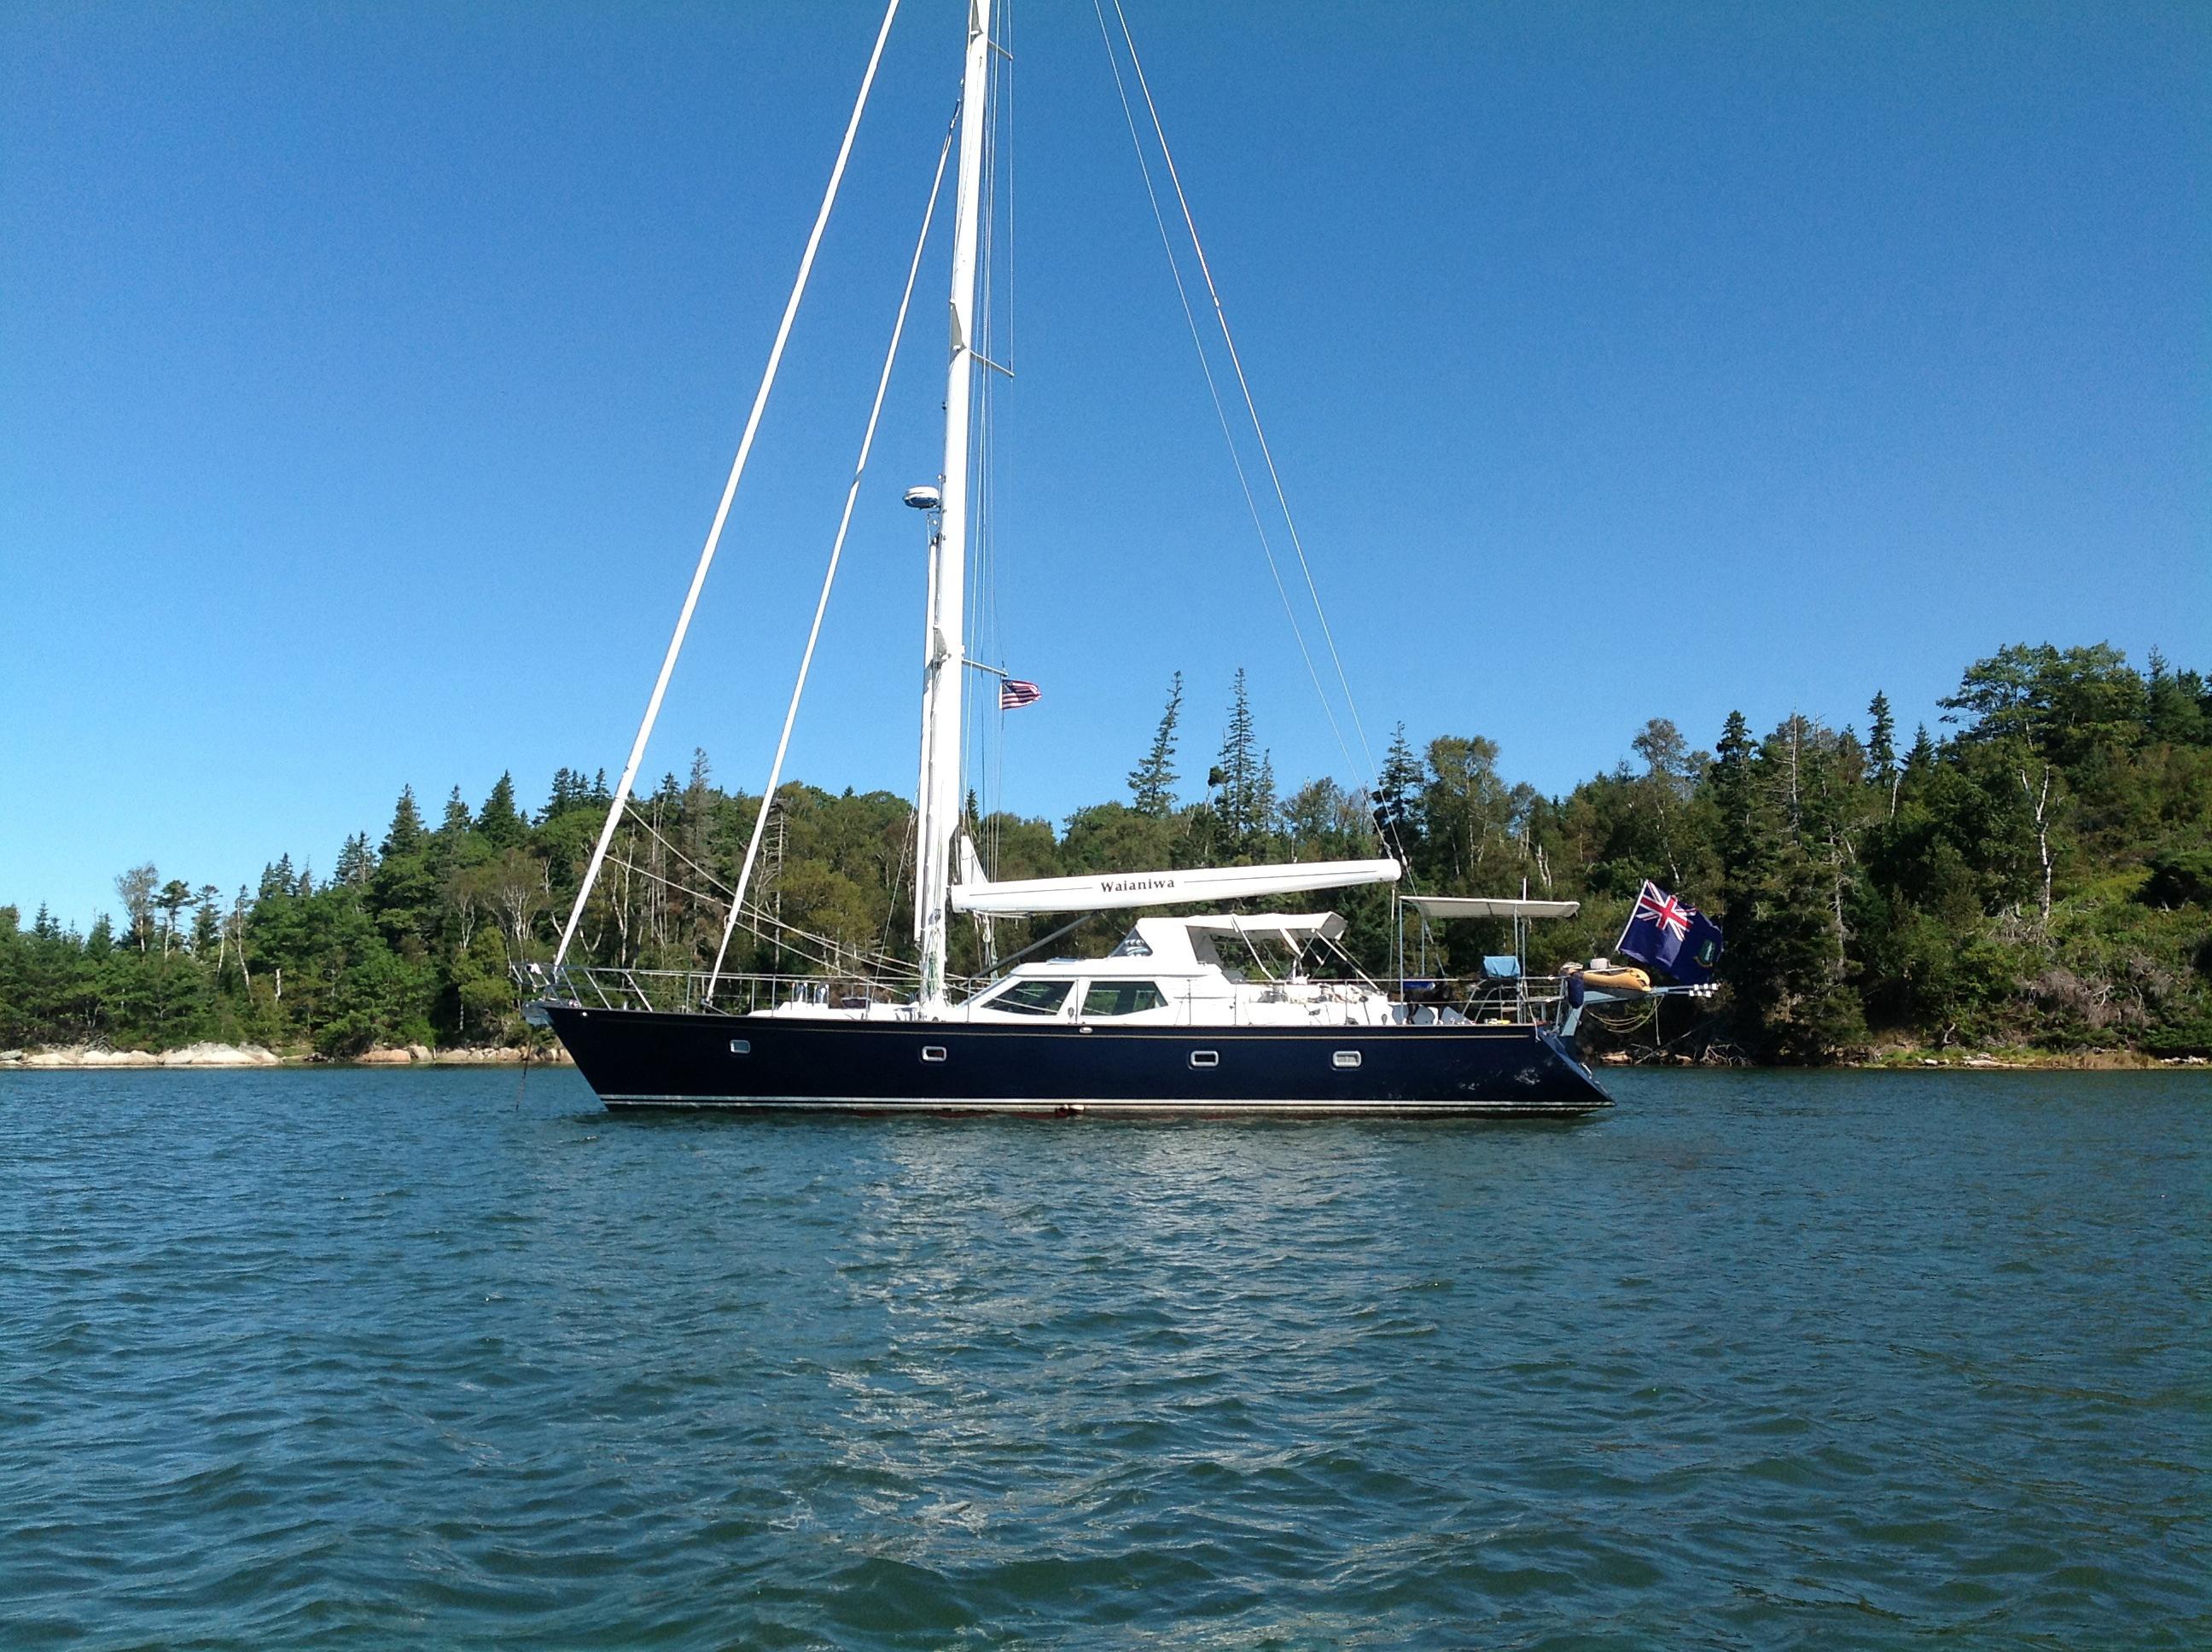 Waianiwa at anchor